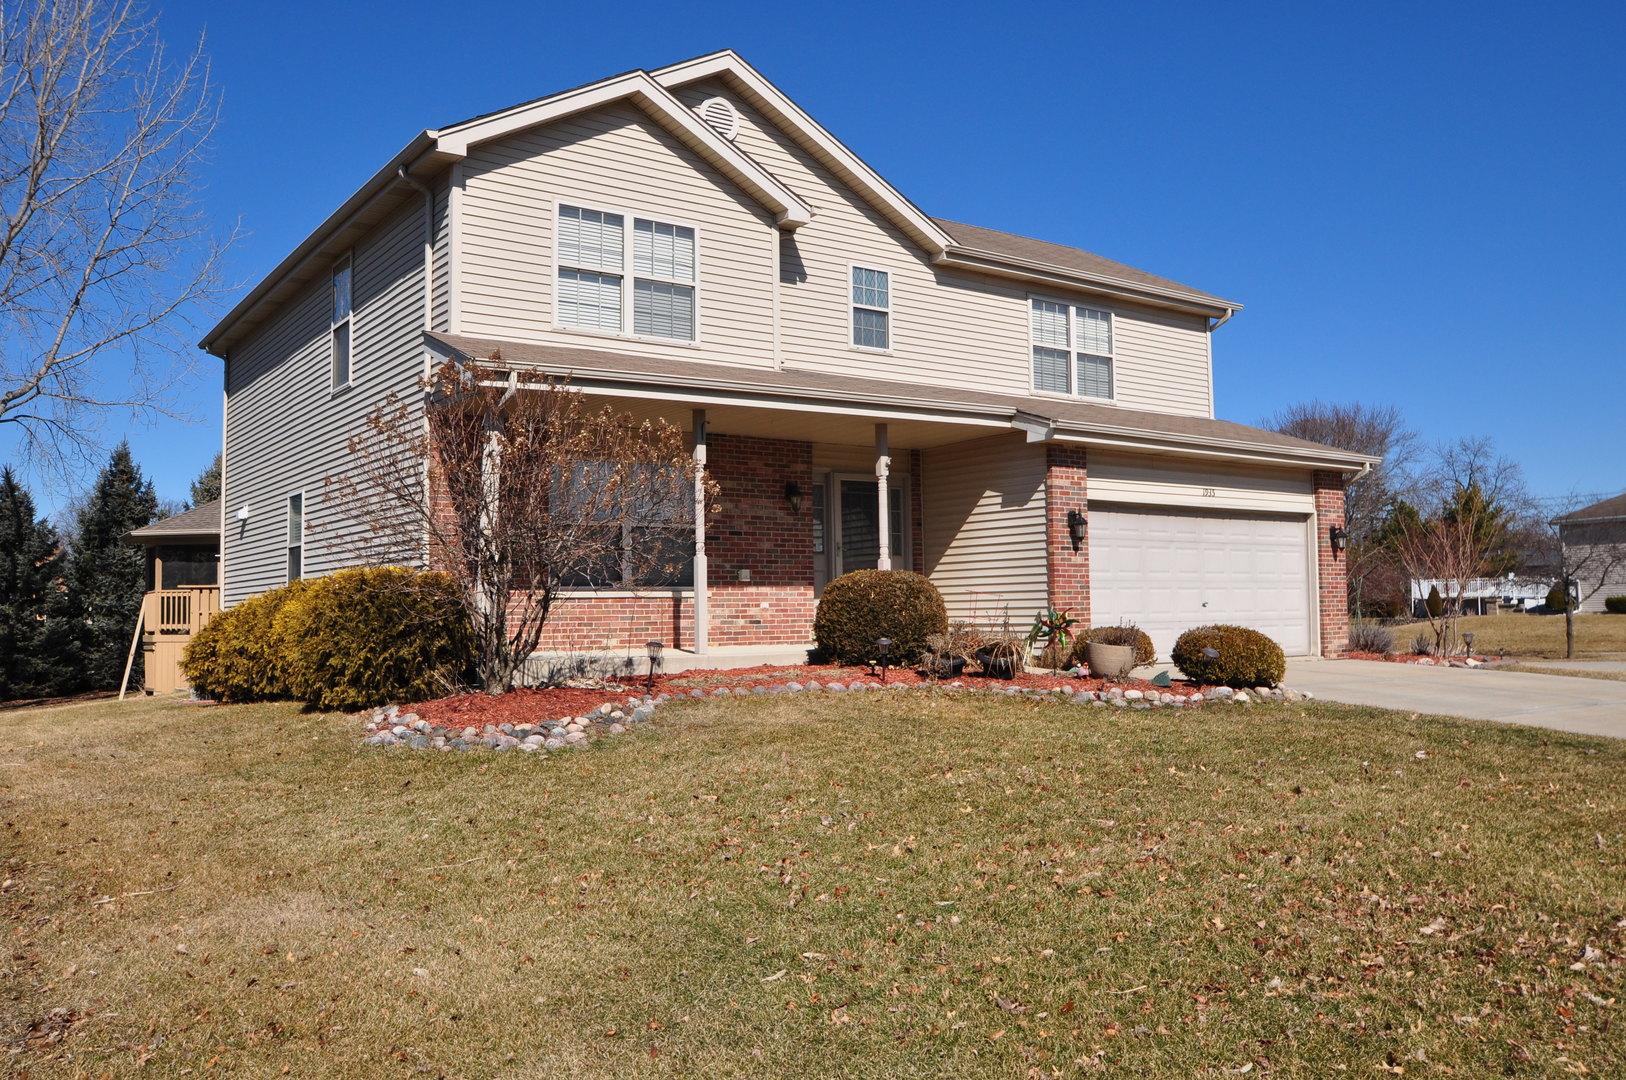 1935 Talon Drive, New Lenox in Will County, IL 60451 Home for Sale